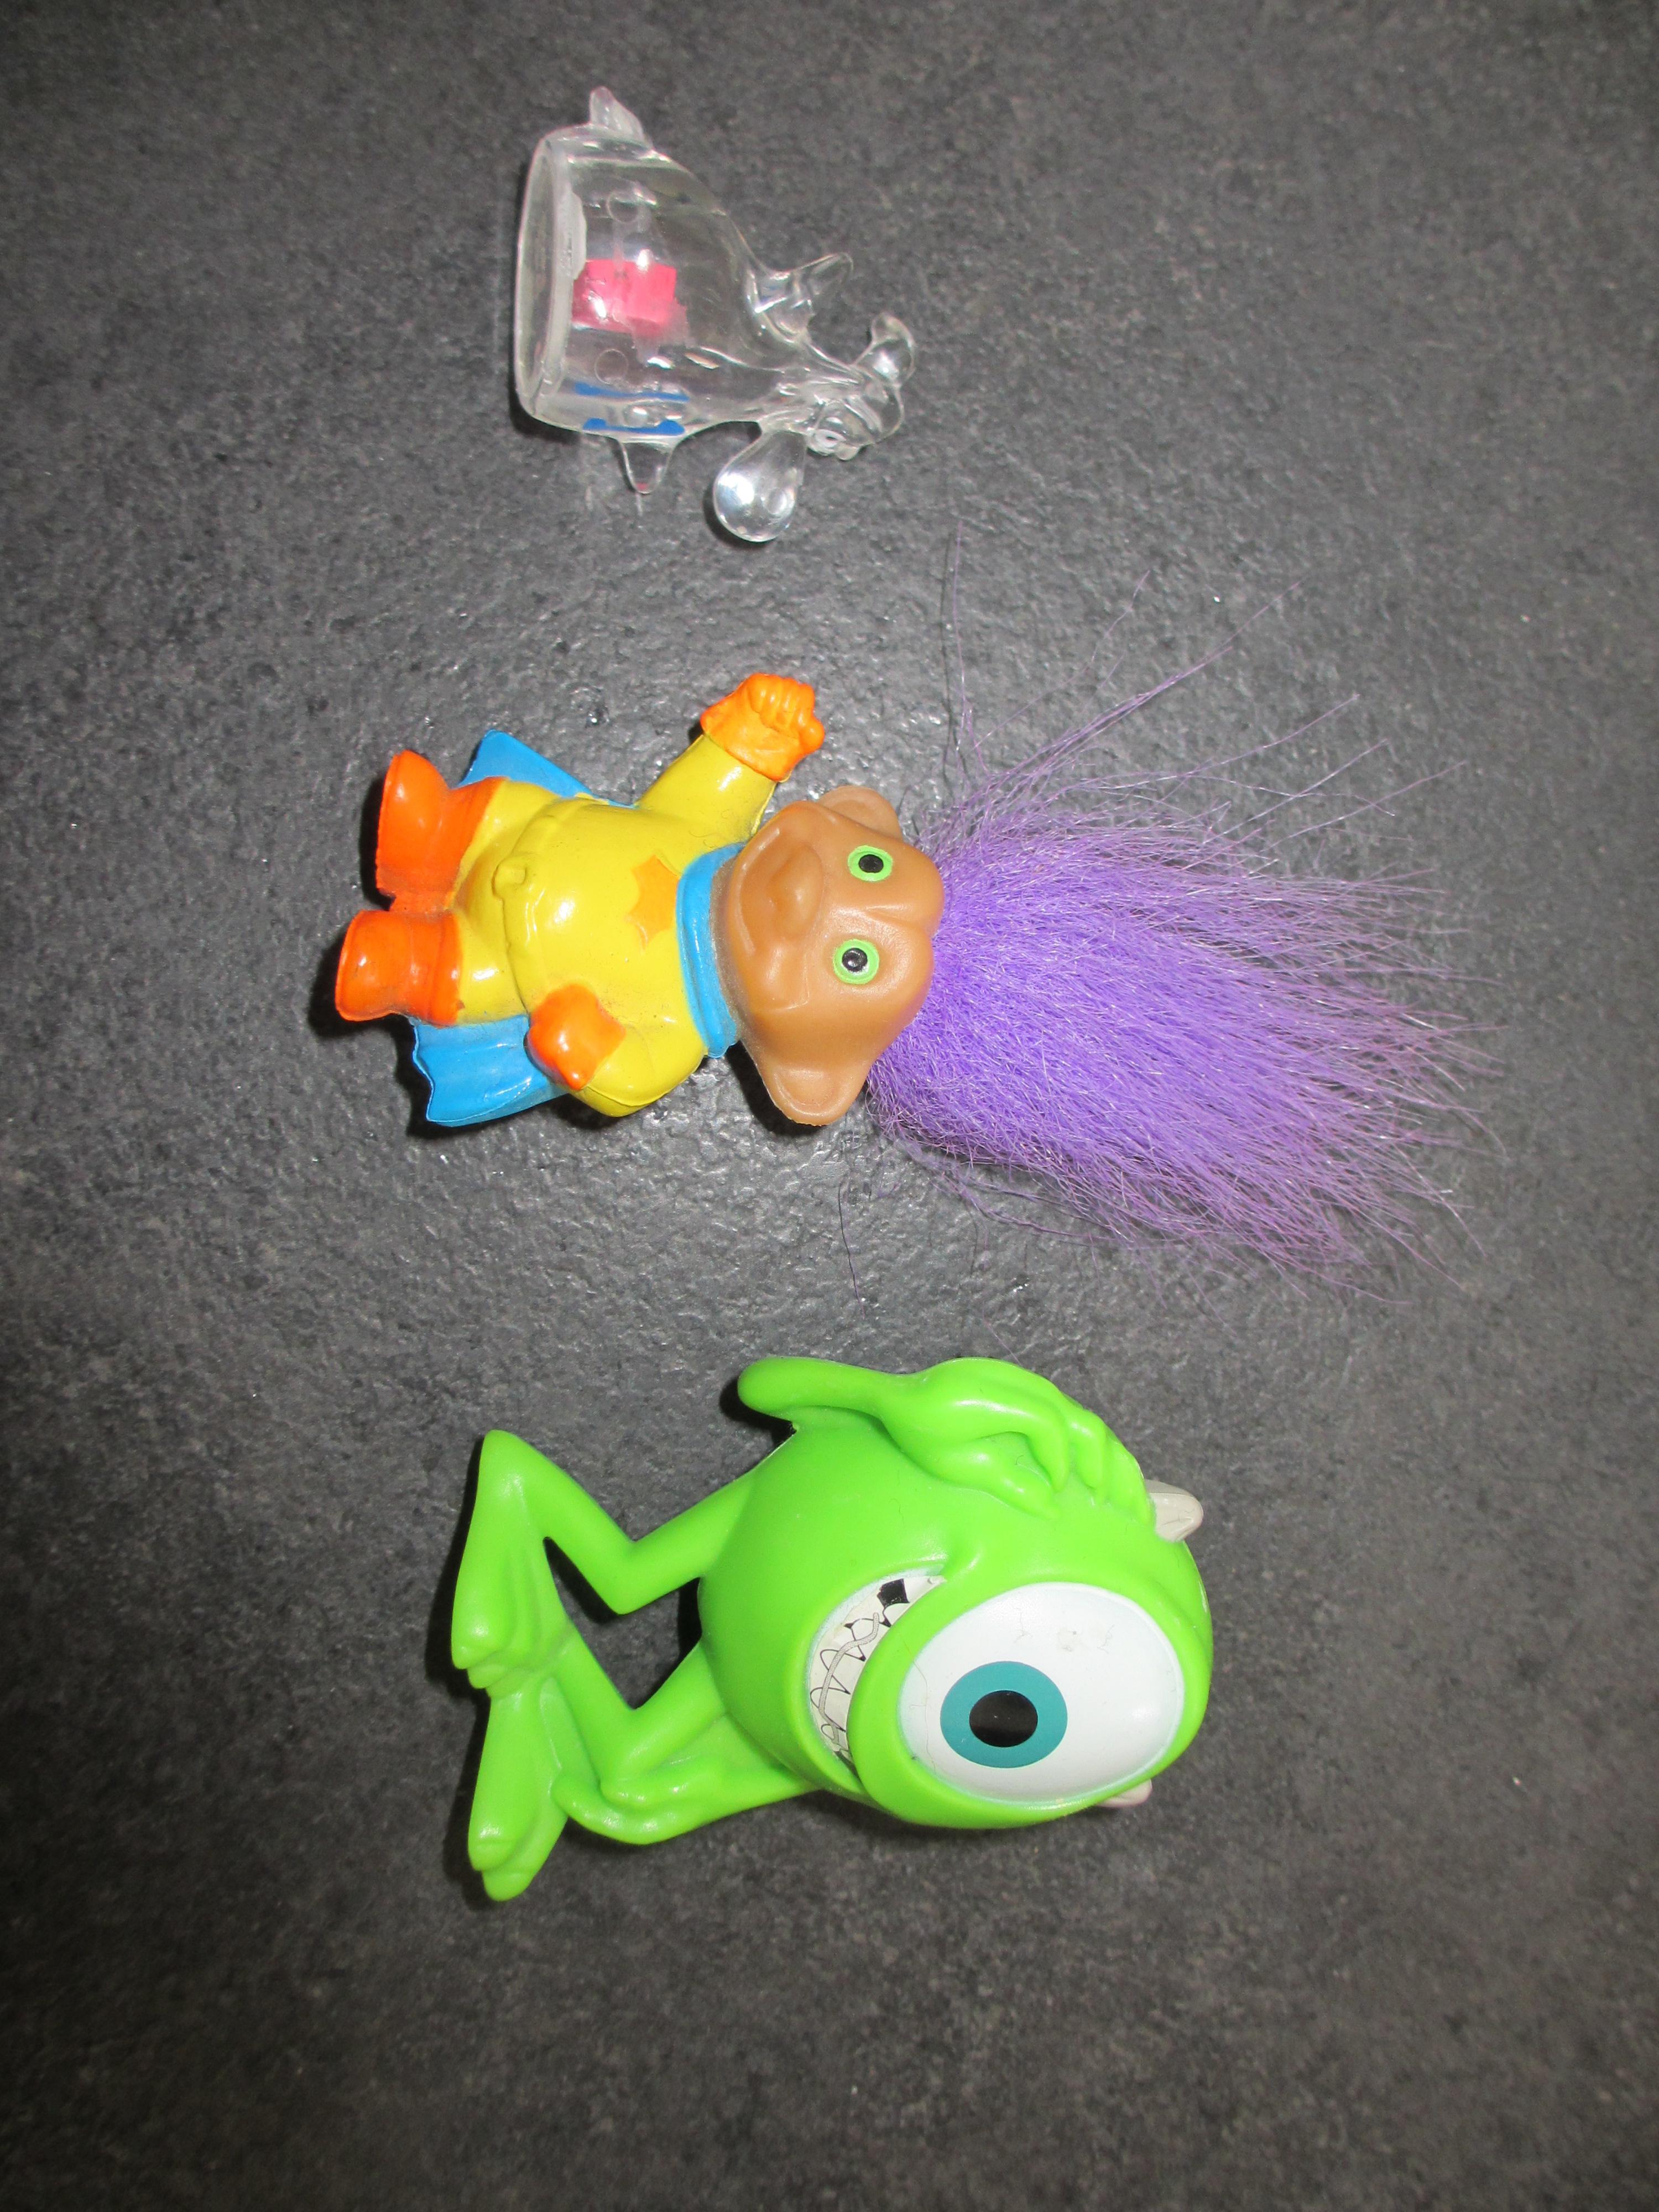 troc de troc figurines et marionnettes pour doigts image 0